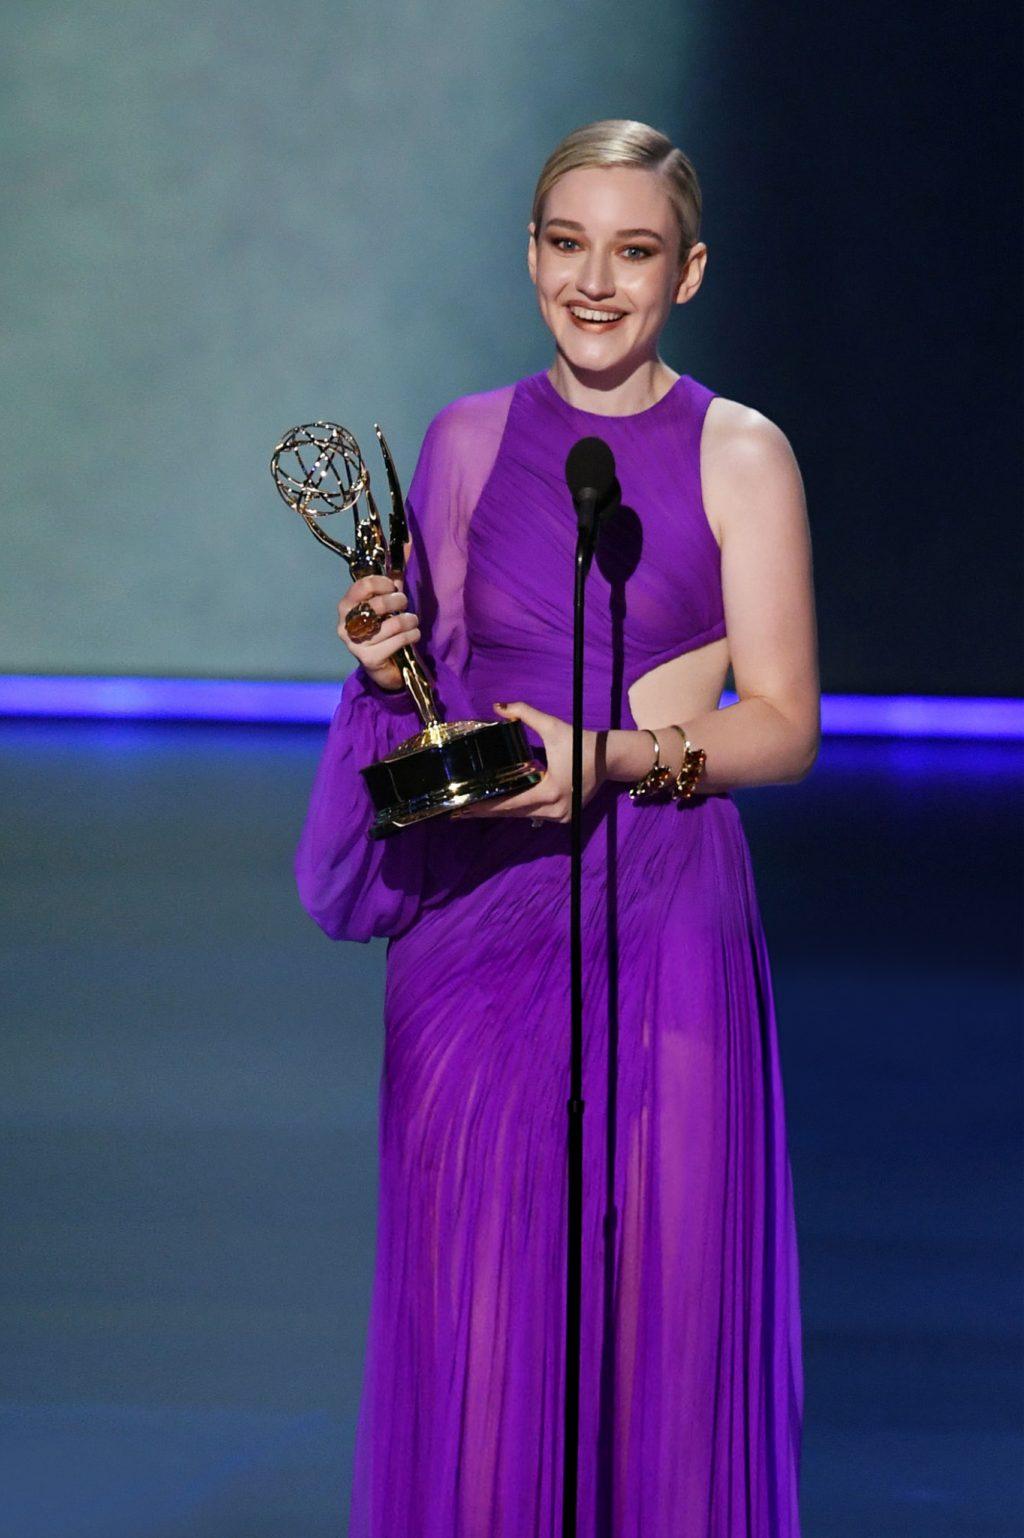 Julia Garner trong thiết kế của ntk công trí tại lễ trao giải Emmy 2019